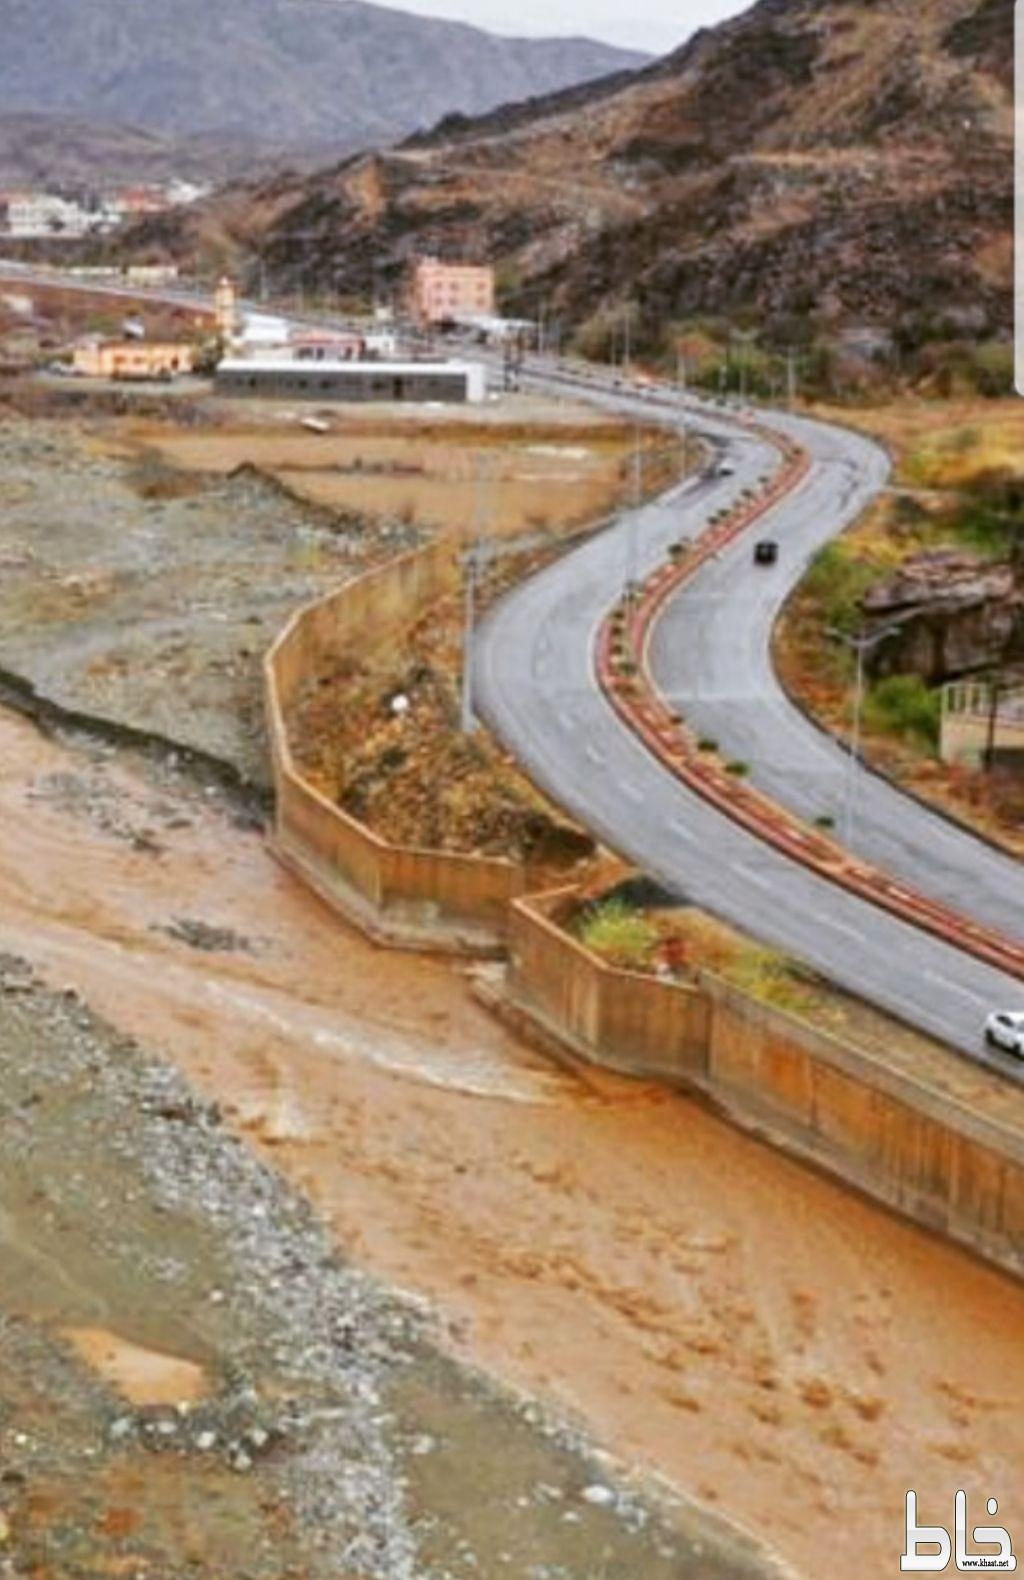 اكثر من عام وبلدية المجاردة تتجاهل وتماطل اصلاح الجسور وردمها في مركز خاط